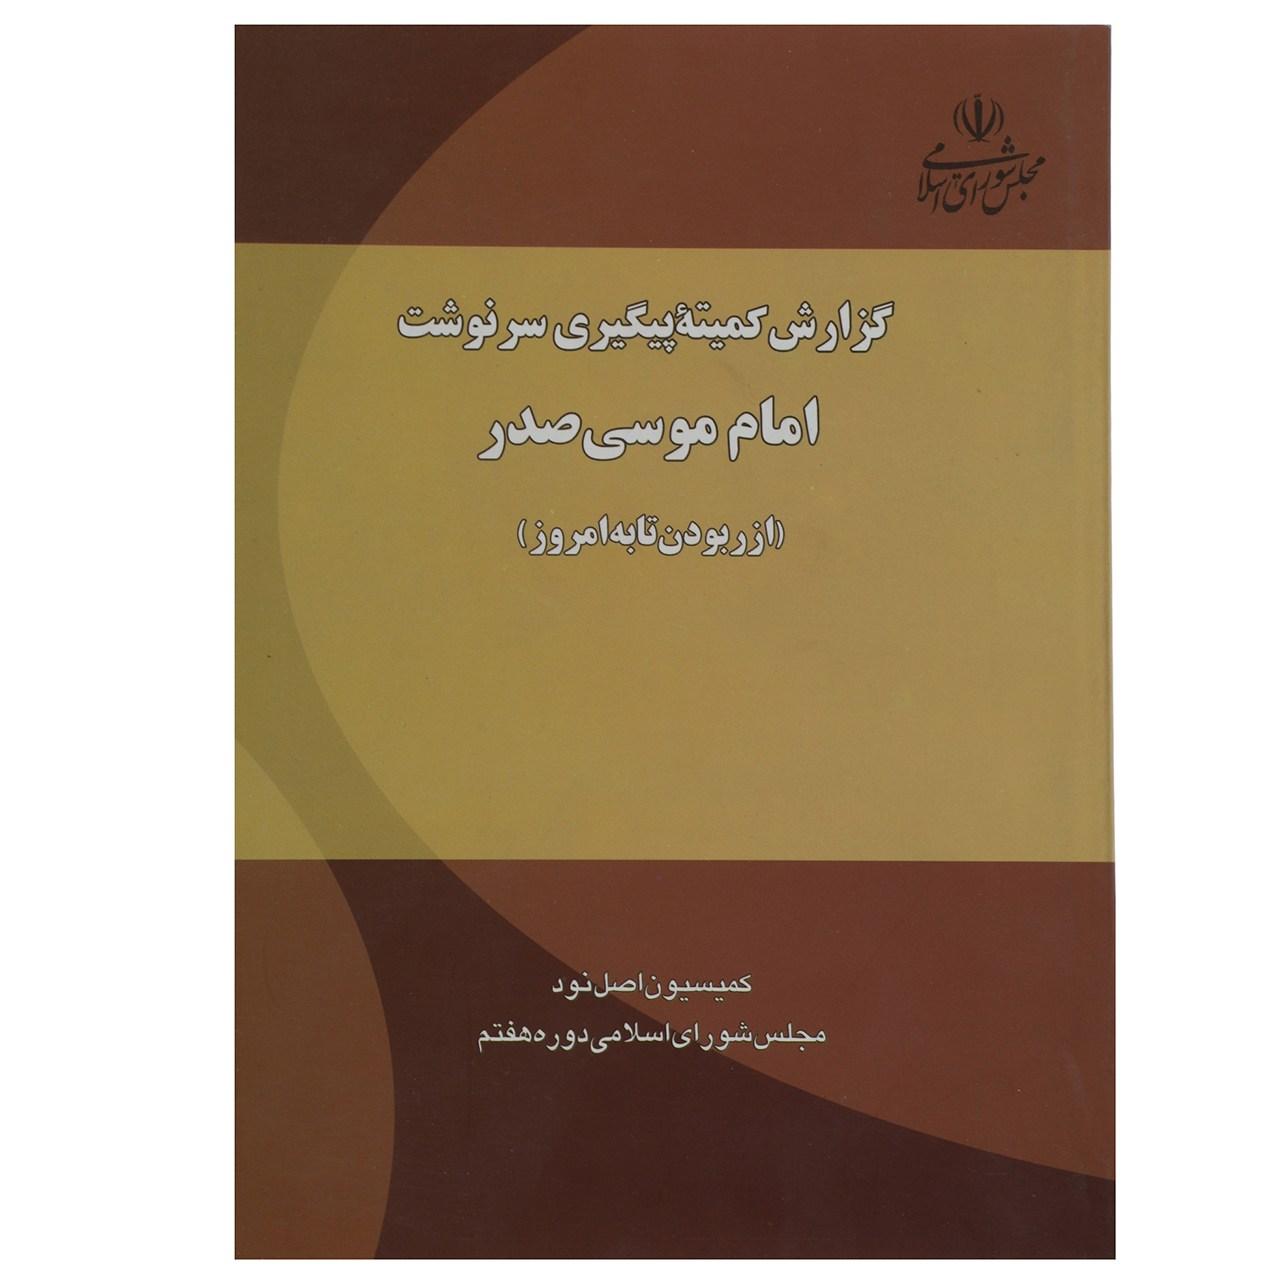 کتاب گزارش کمیته پیگیری سرنوشت امام موسی